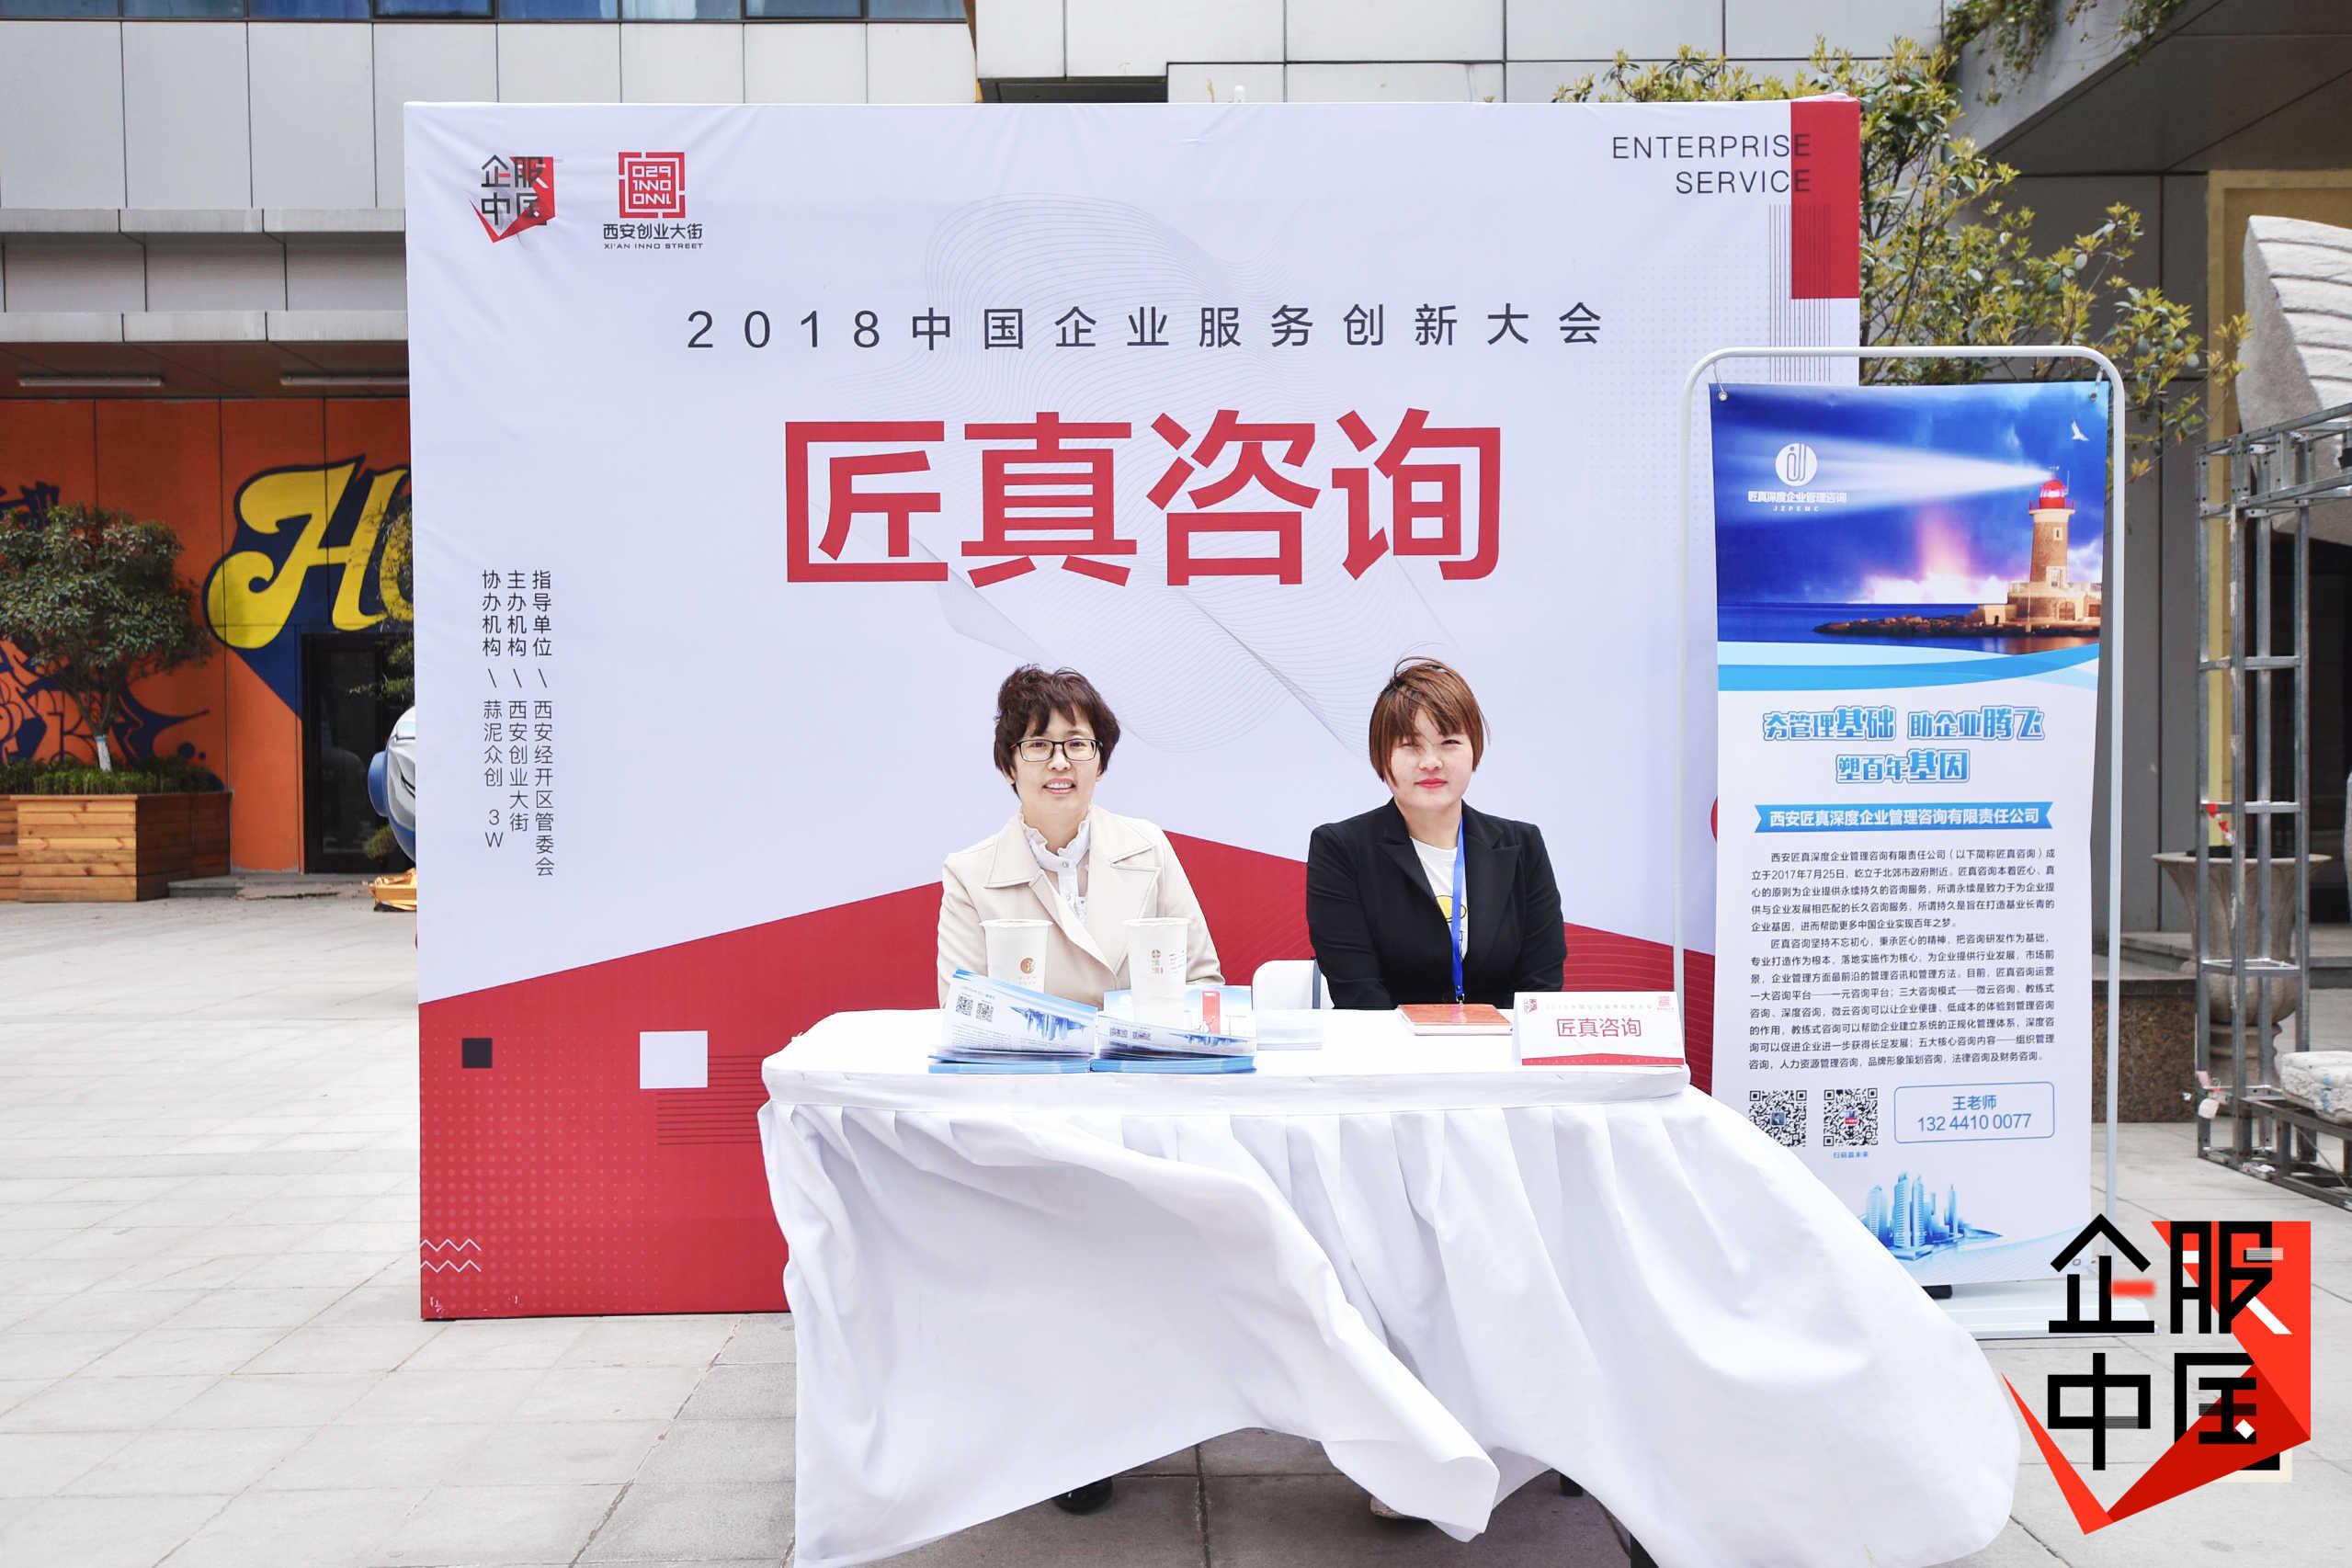 西安企业管理咨询公司